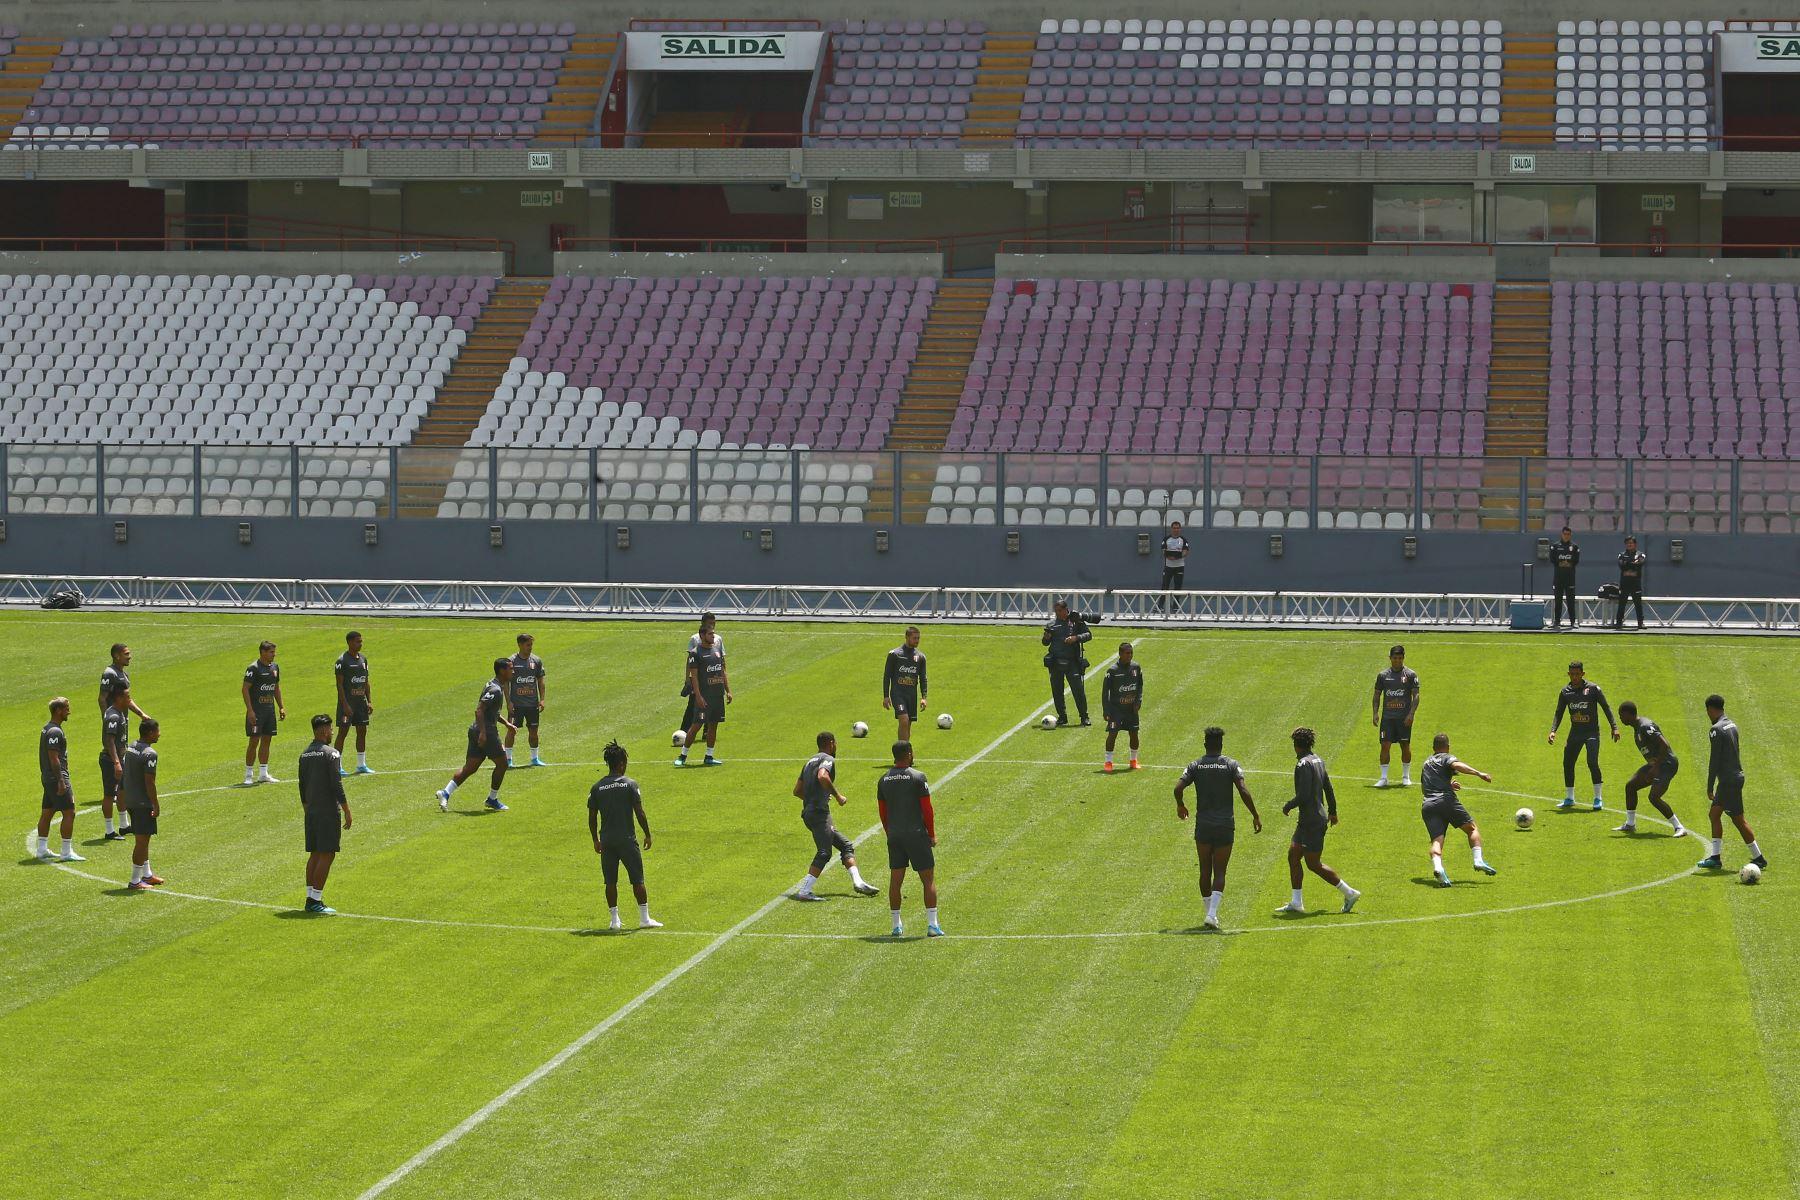 La selección peruana entrenó en horas de la mañana en el Estadio Nacional con miras al duelo que sostendrá ante su similar de Uruguay. Foto: ANDINA/Héctor Vinces